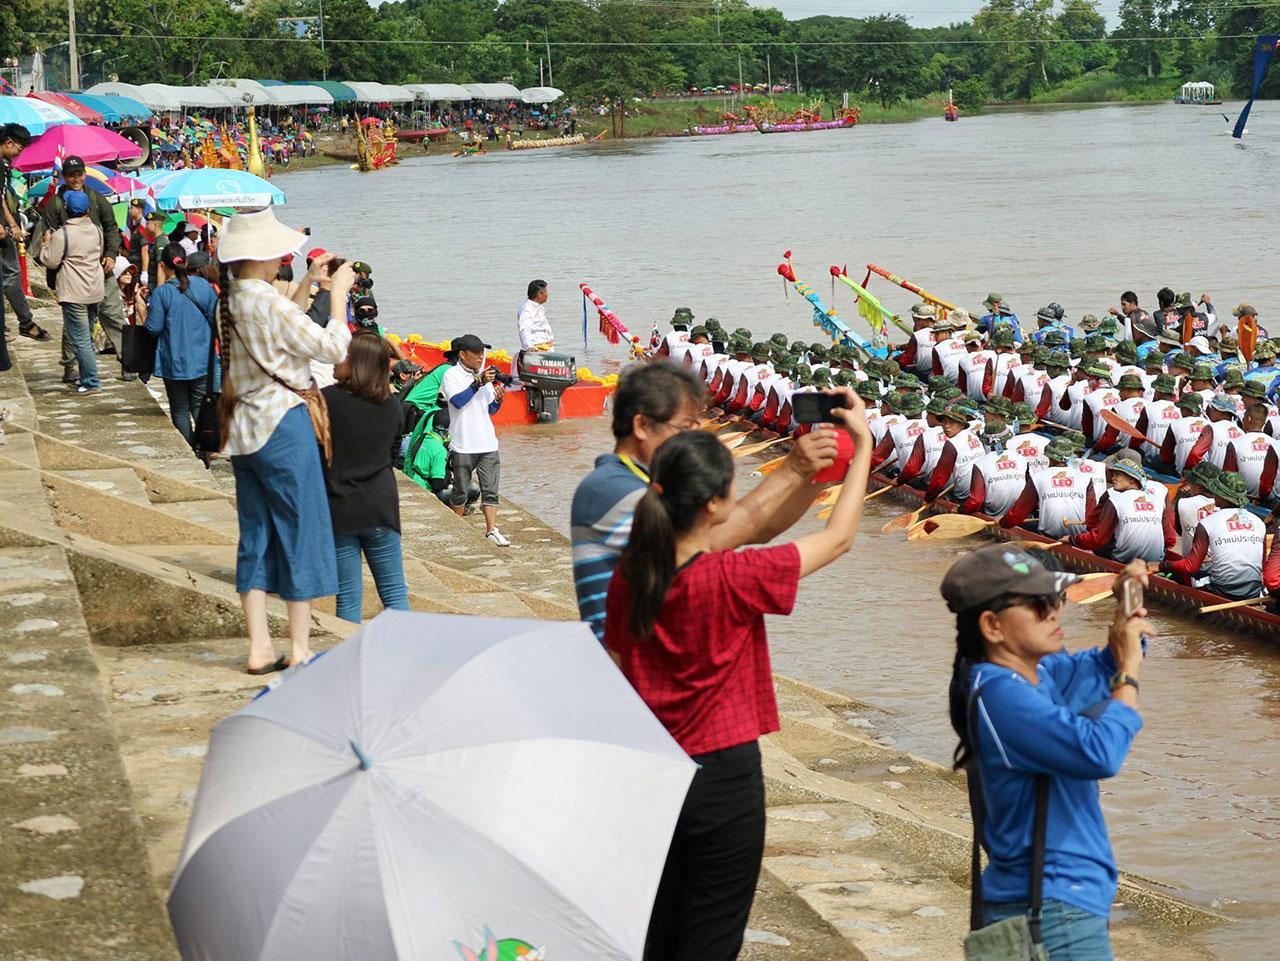 นักท่องเที่ยวพากันถ่ายภาพเรือยาวประเภทต่างๆที่เข้าร่วมการแข่งขัน โดยสองฟากลำน้ำน่านจะคลาคล่ำไปด้วยผู้คนที่เข้าร่วมชมการแข่งขัน.